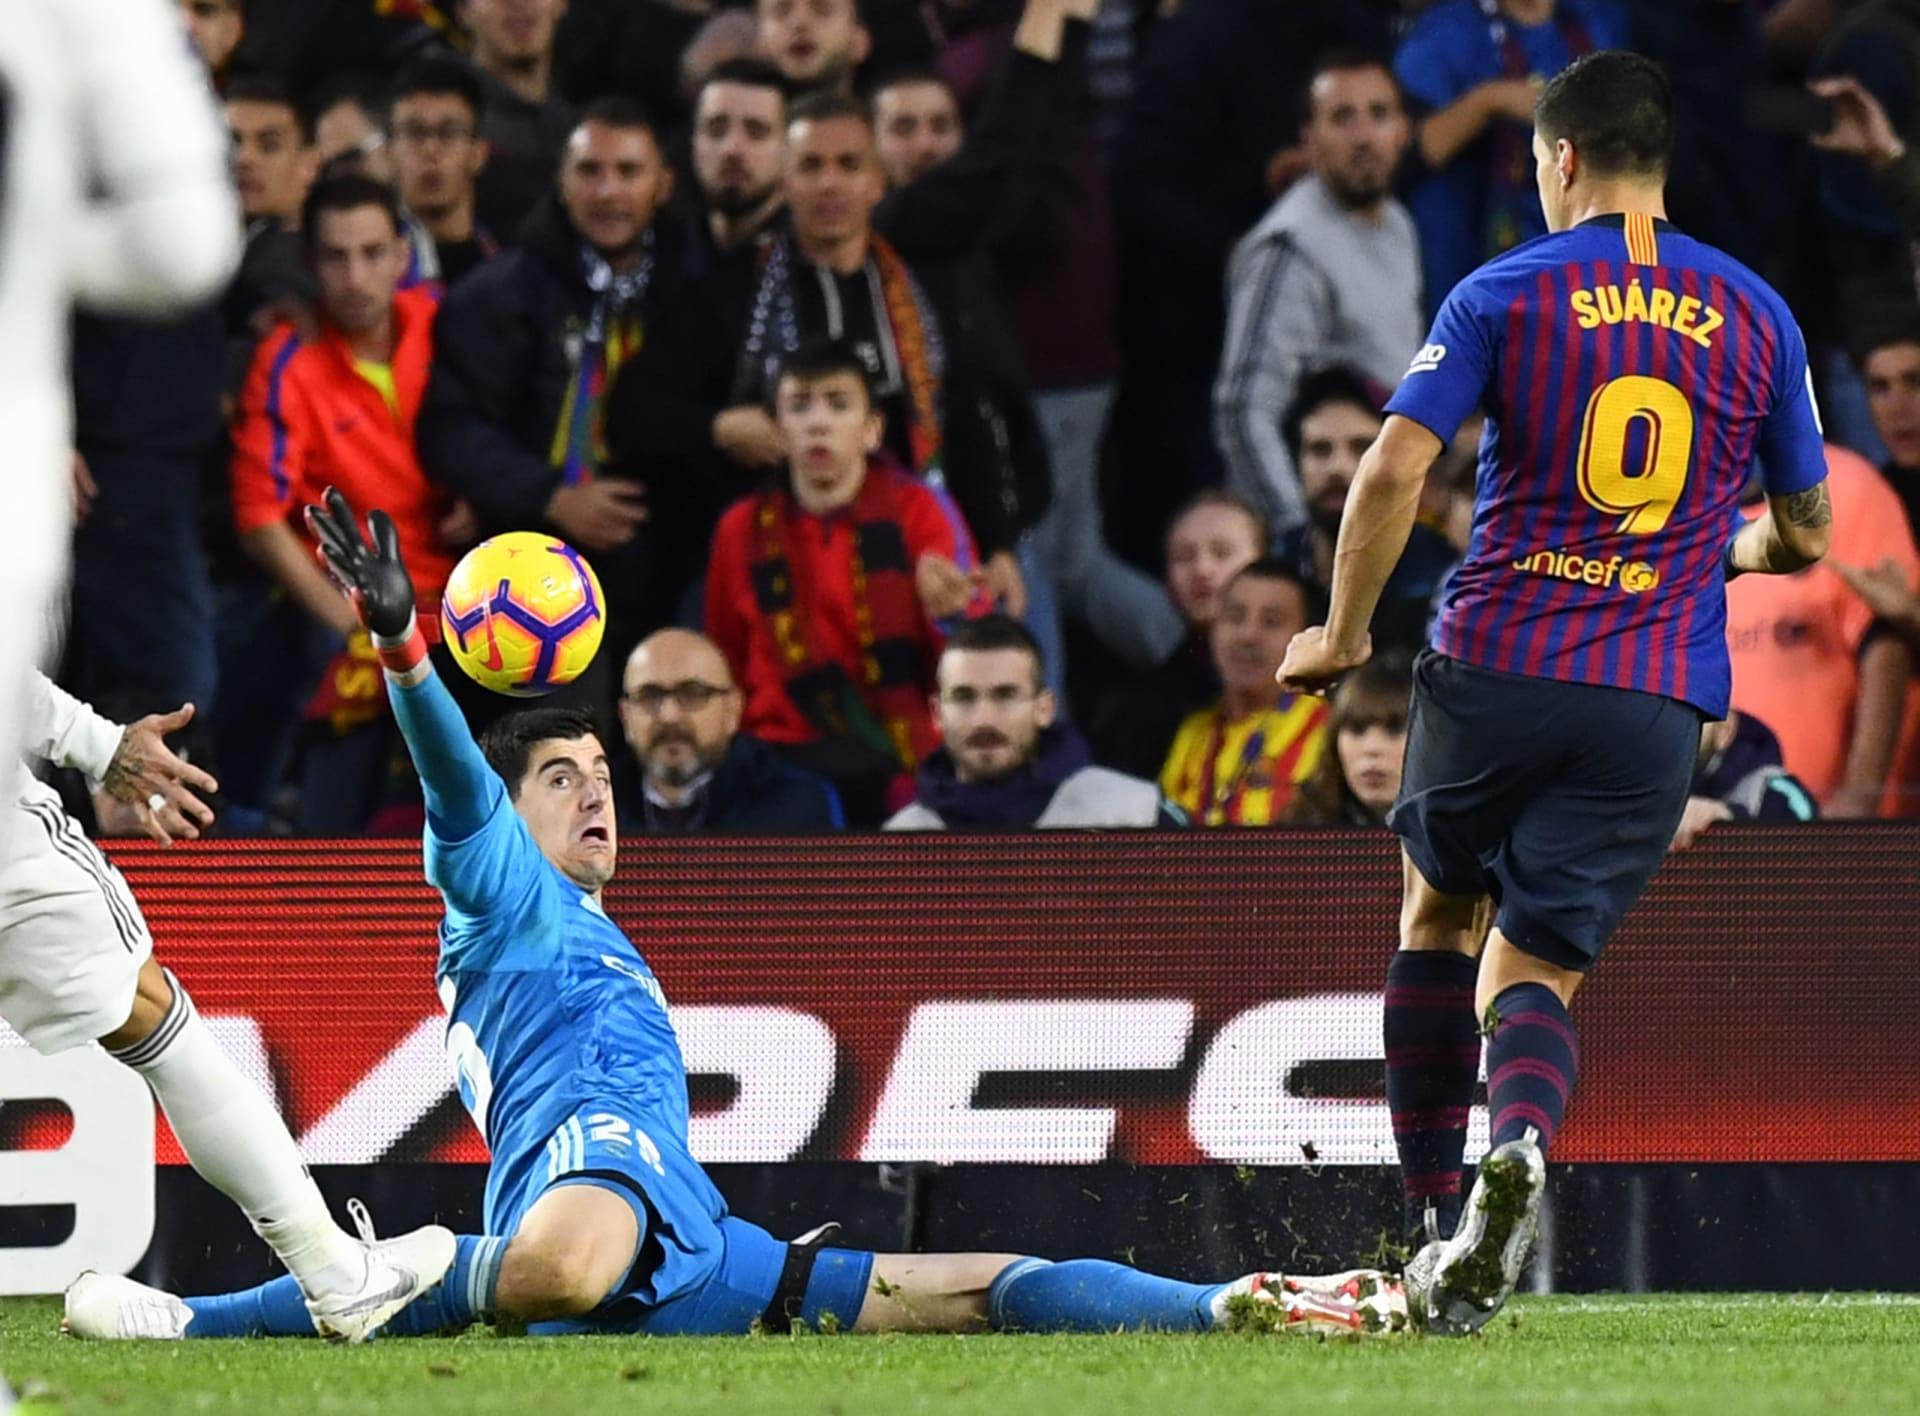 """خماسية أخرى في الكلاسيكو.. برشلونة يعمق جراح ريال مدريد في """"كامب نو"""""""